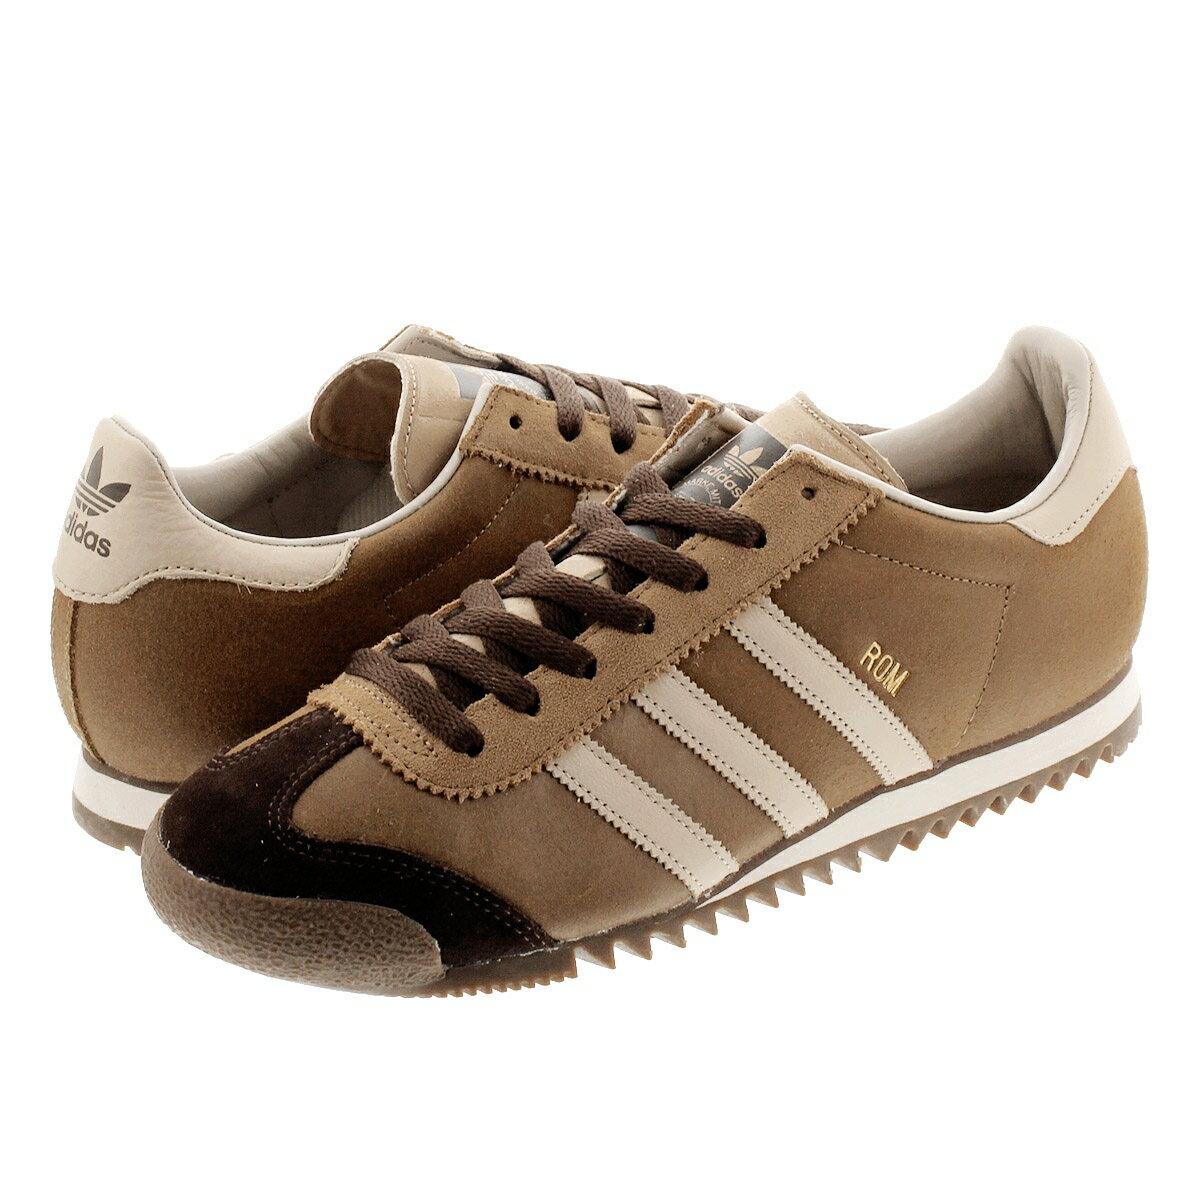 メンズ靴, スニーカー adidas ROM RAW DESERTPALE NUDEBROWN ee5747